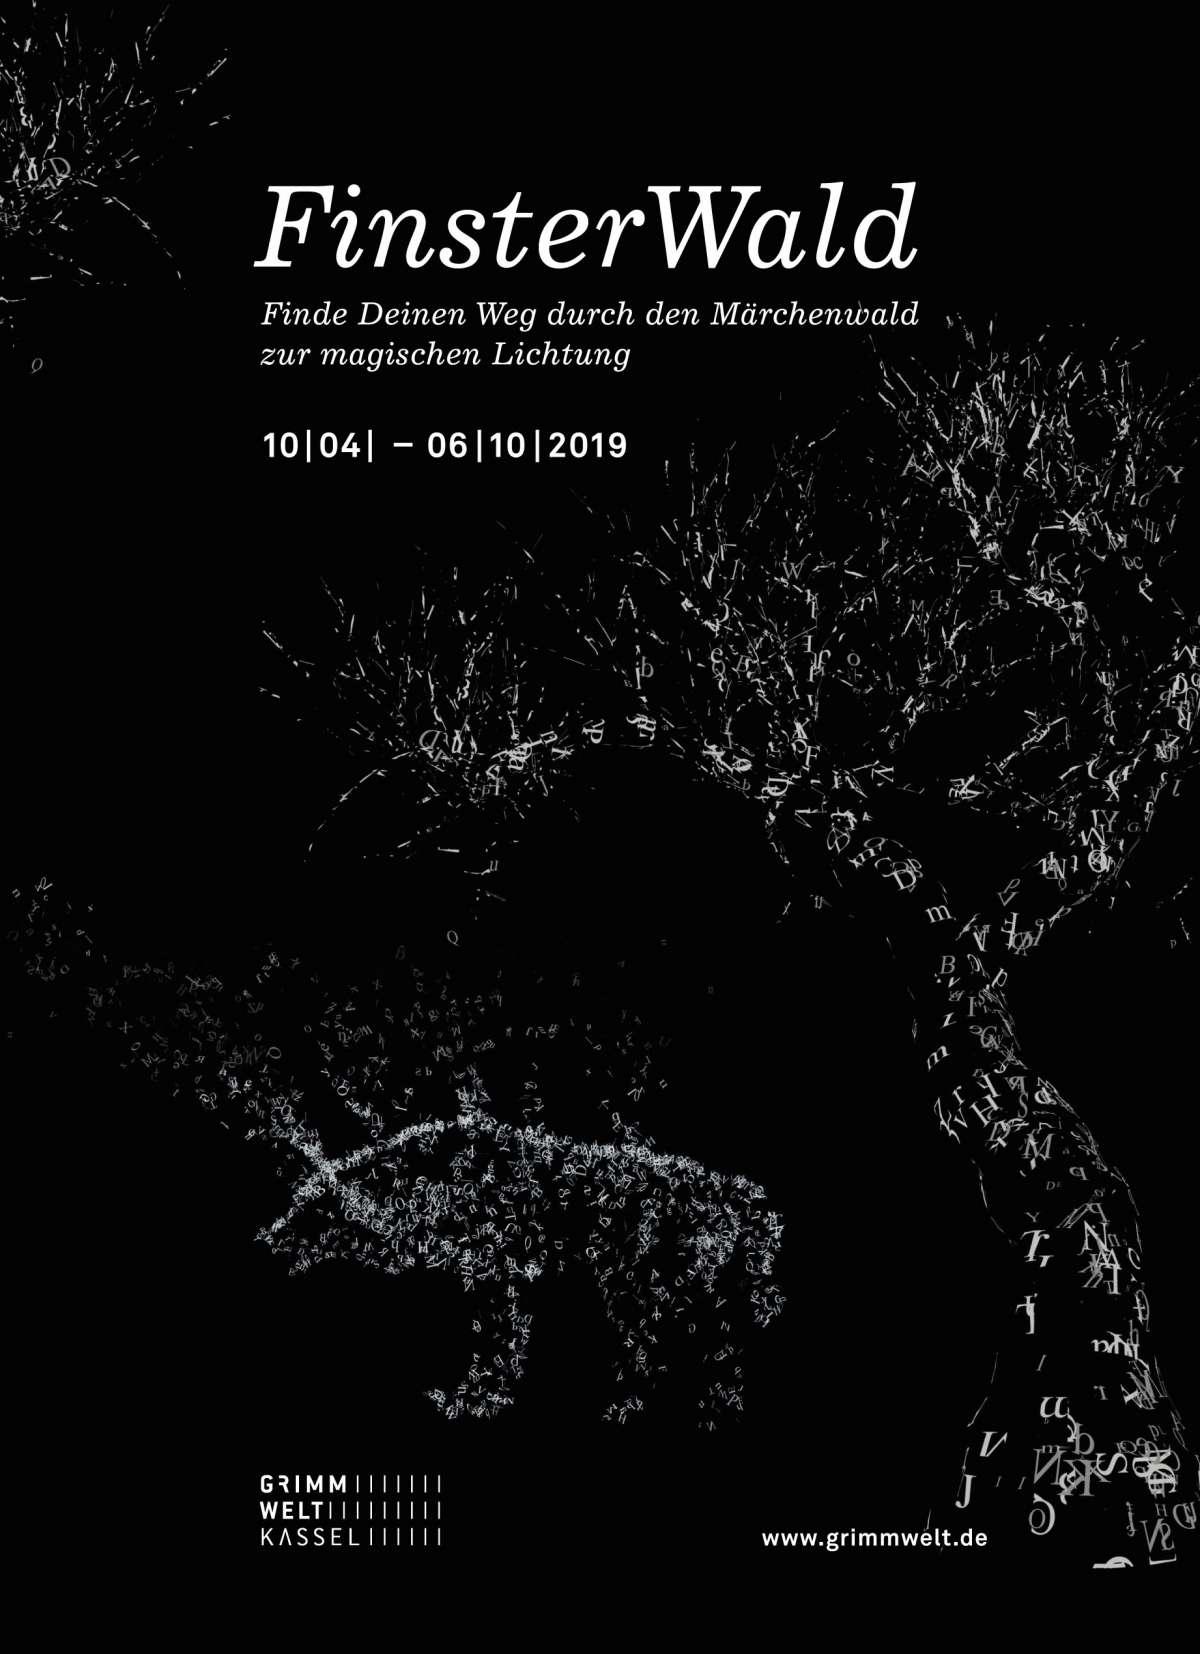 Veranstaltungen & Events am »Samstag, 05. Oktober 2019« in deiner Nähe...